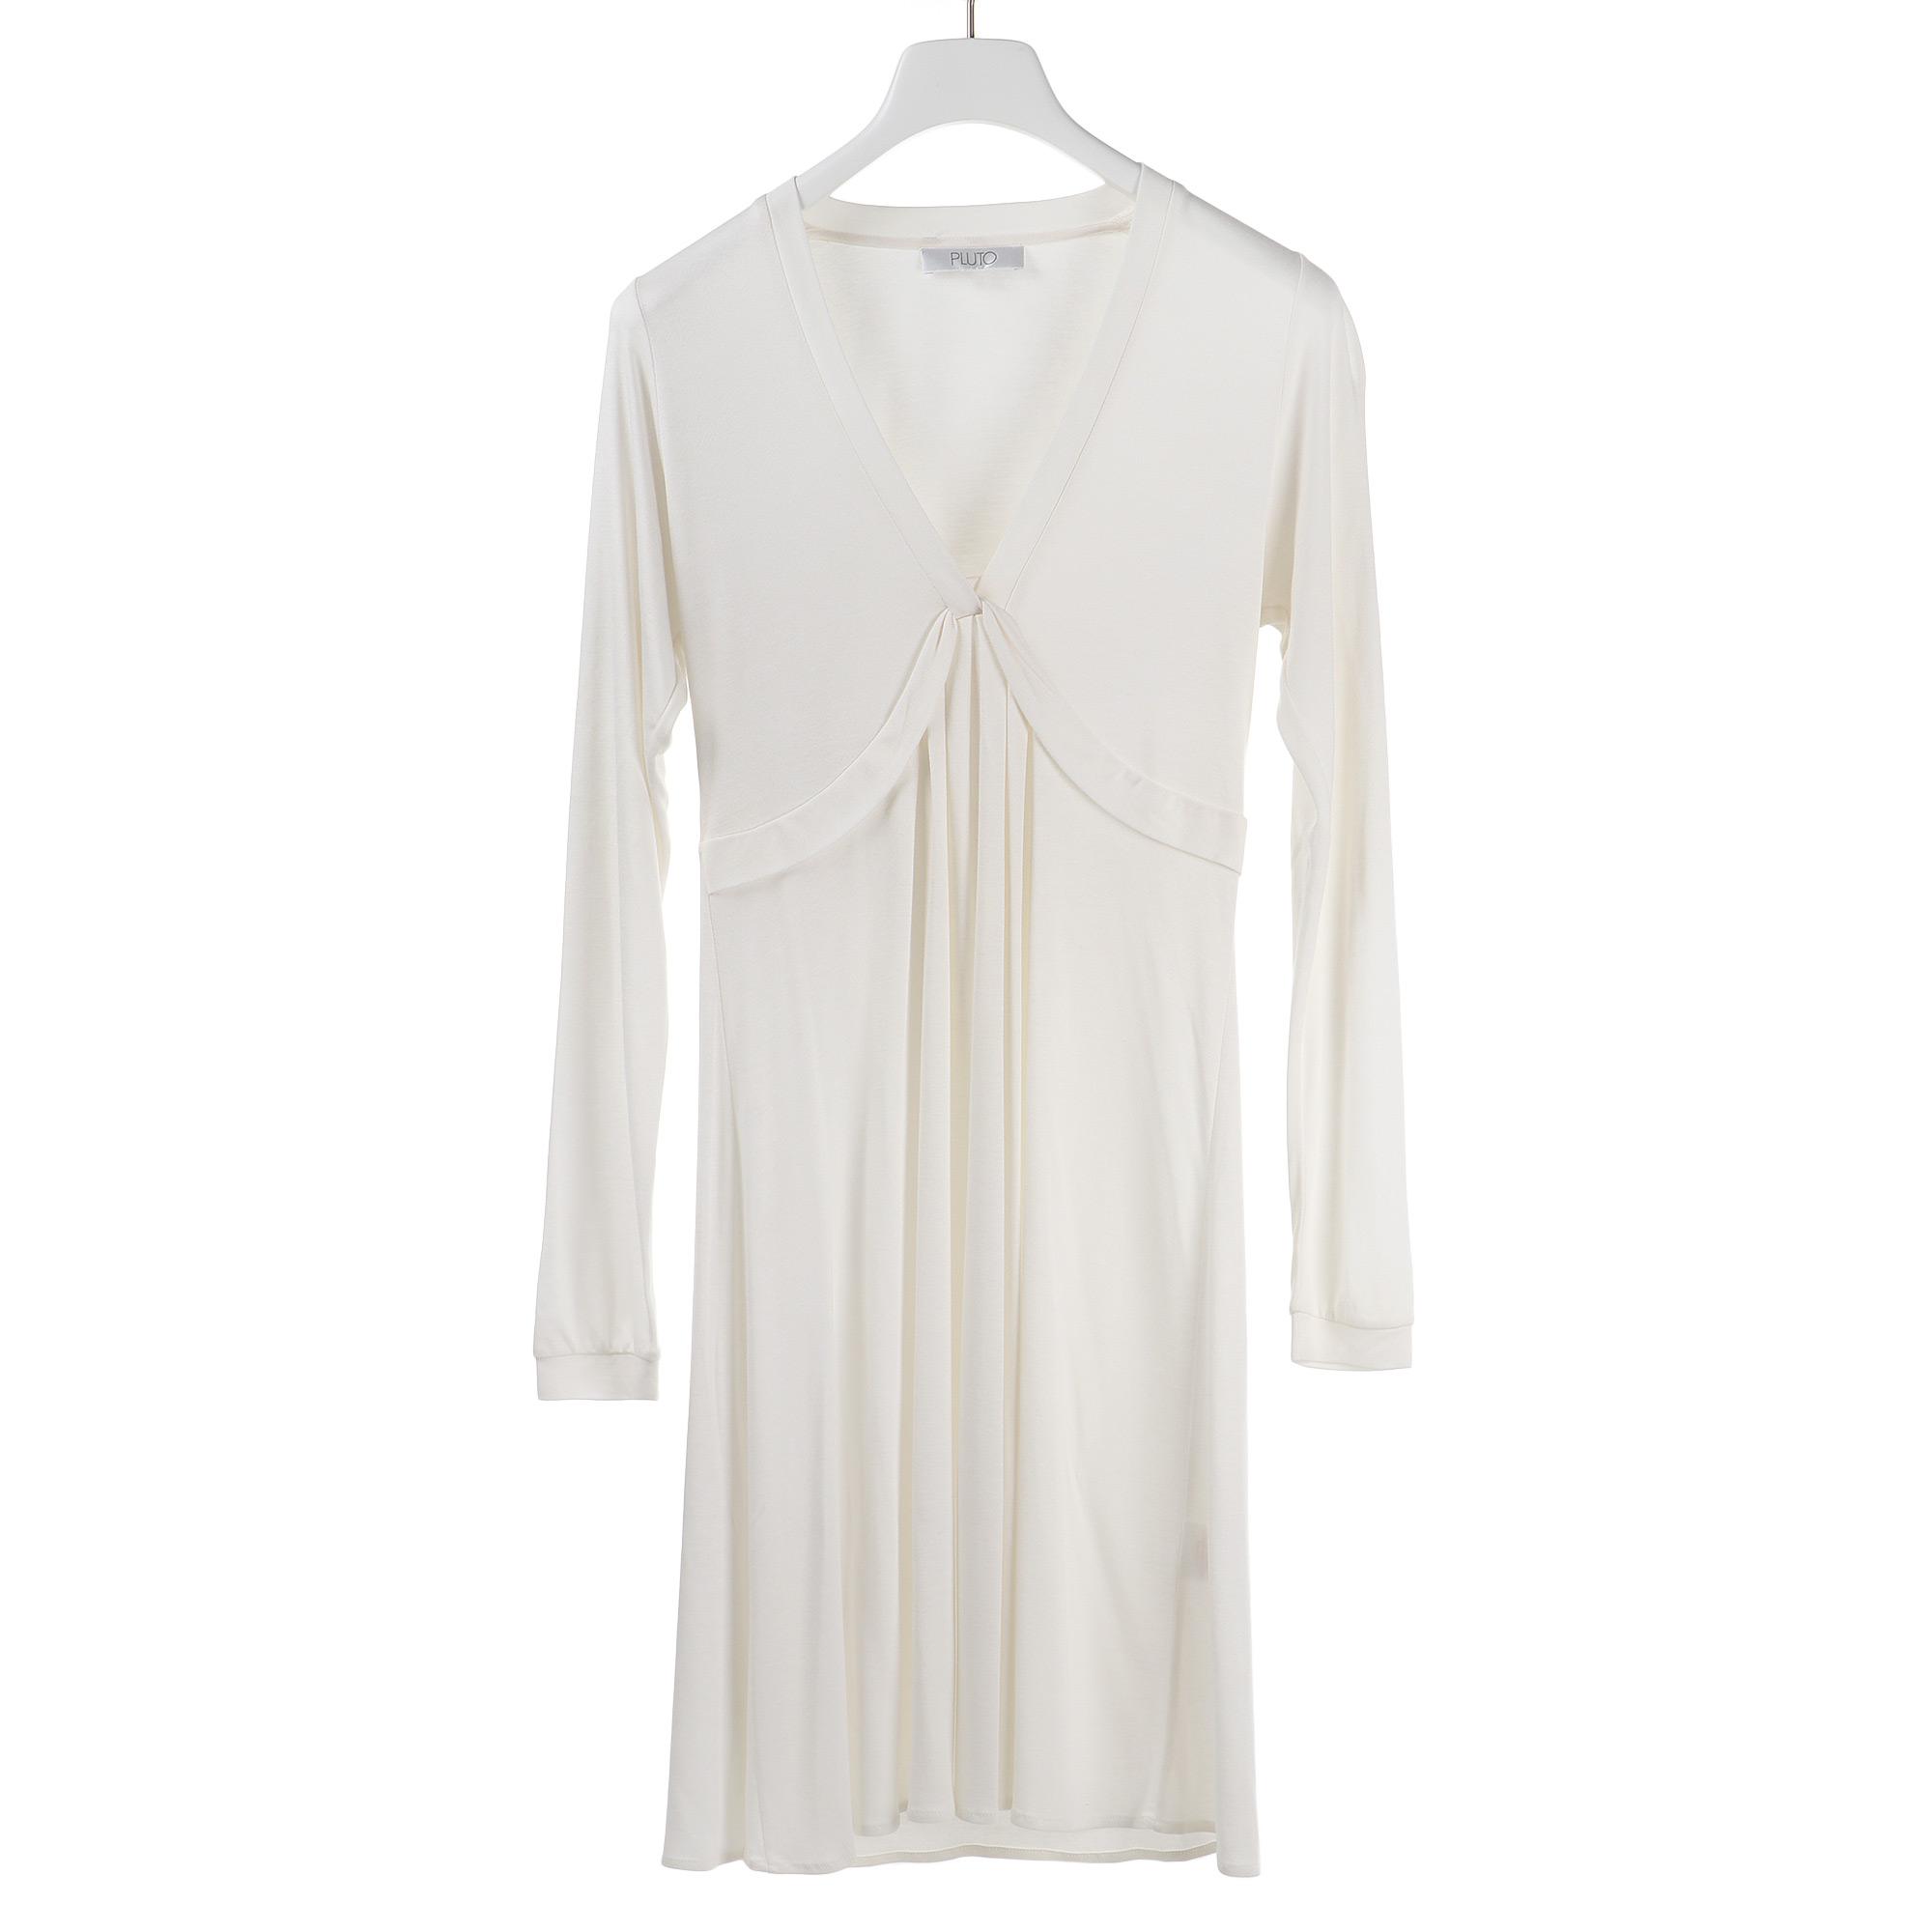 Платье женское для дома Pluto трикотажное L недорого